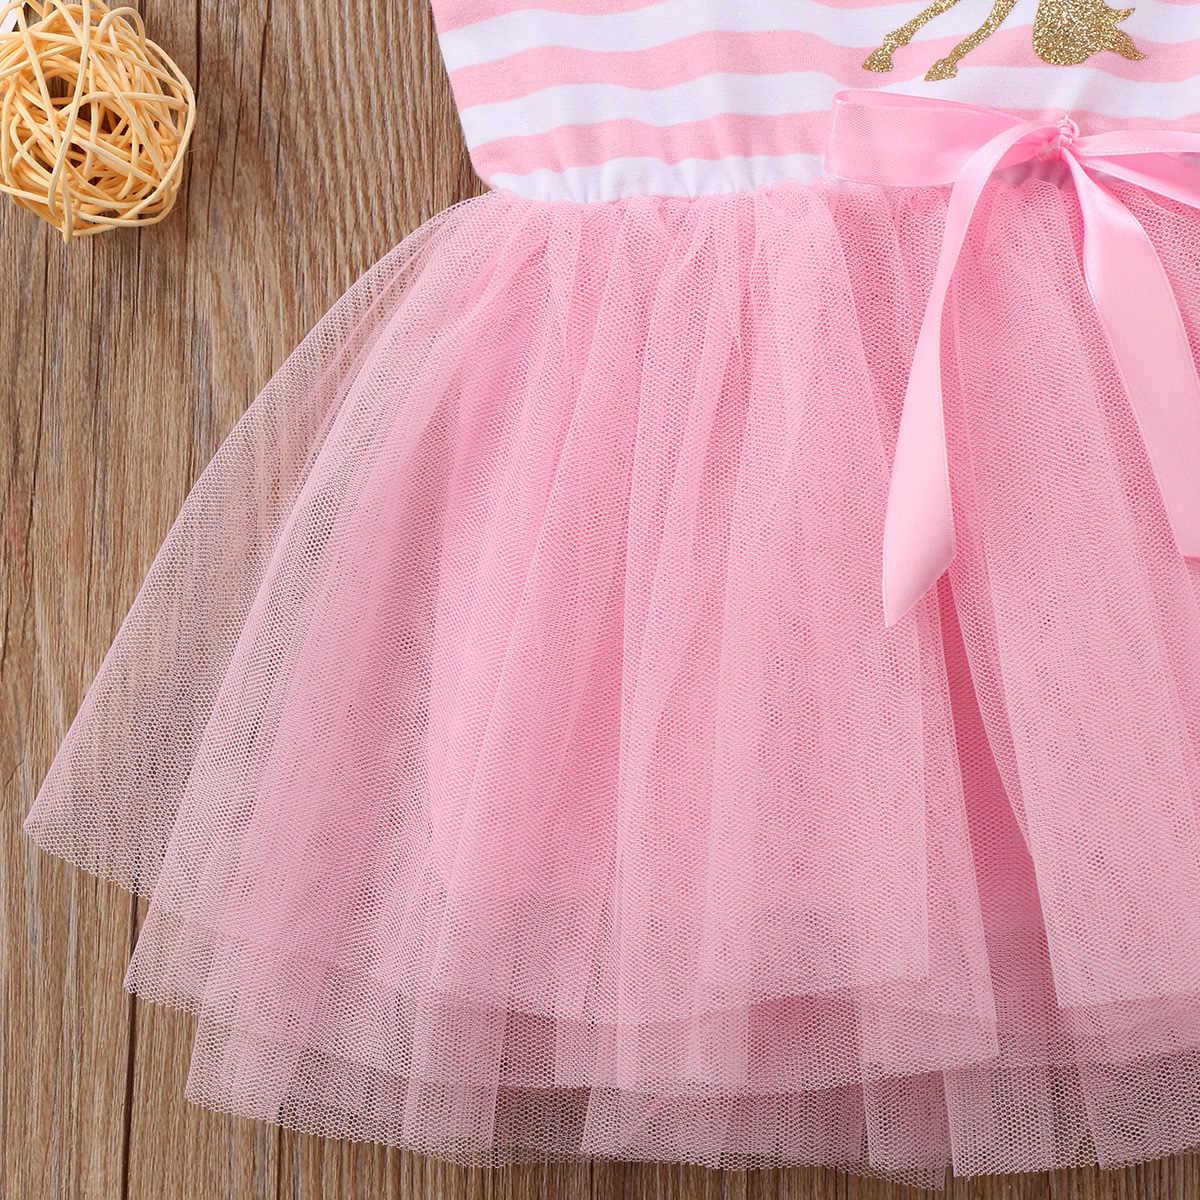 Unicorn bebek kız prenses elbiseleri Çizgili Kolsuz Parti Düğün Tutu Tül Elbise Bebek Giysileri